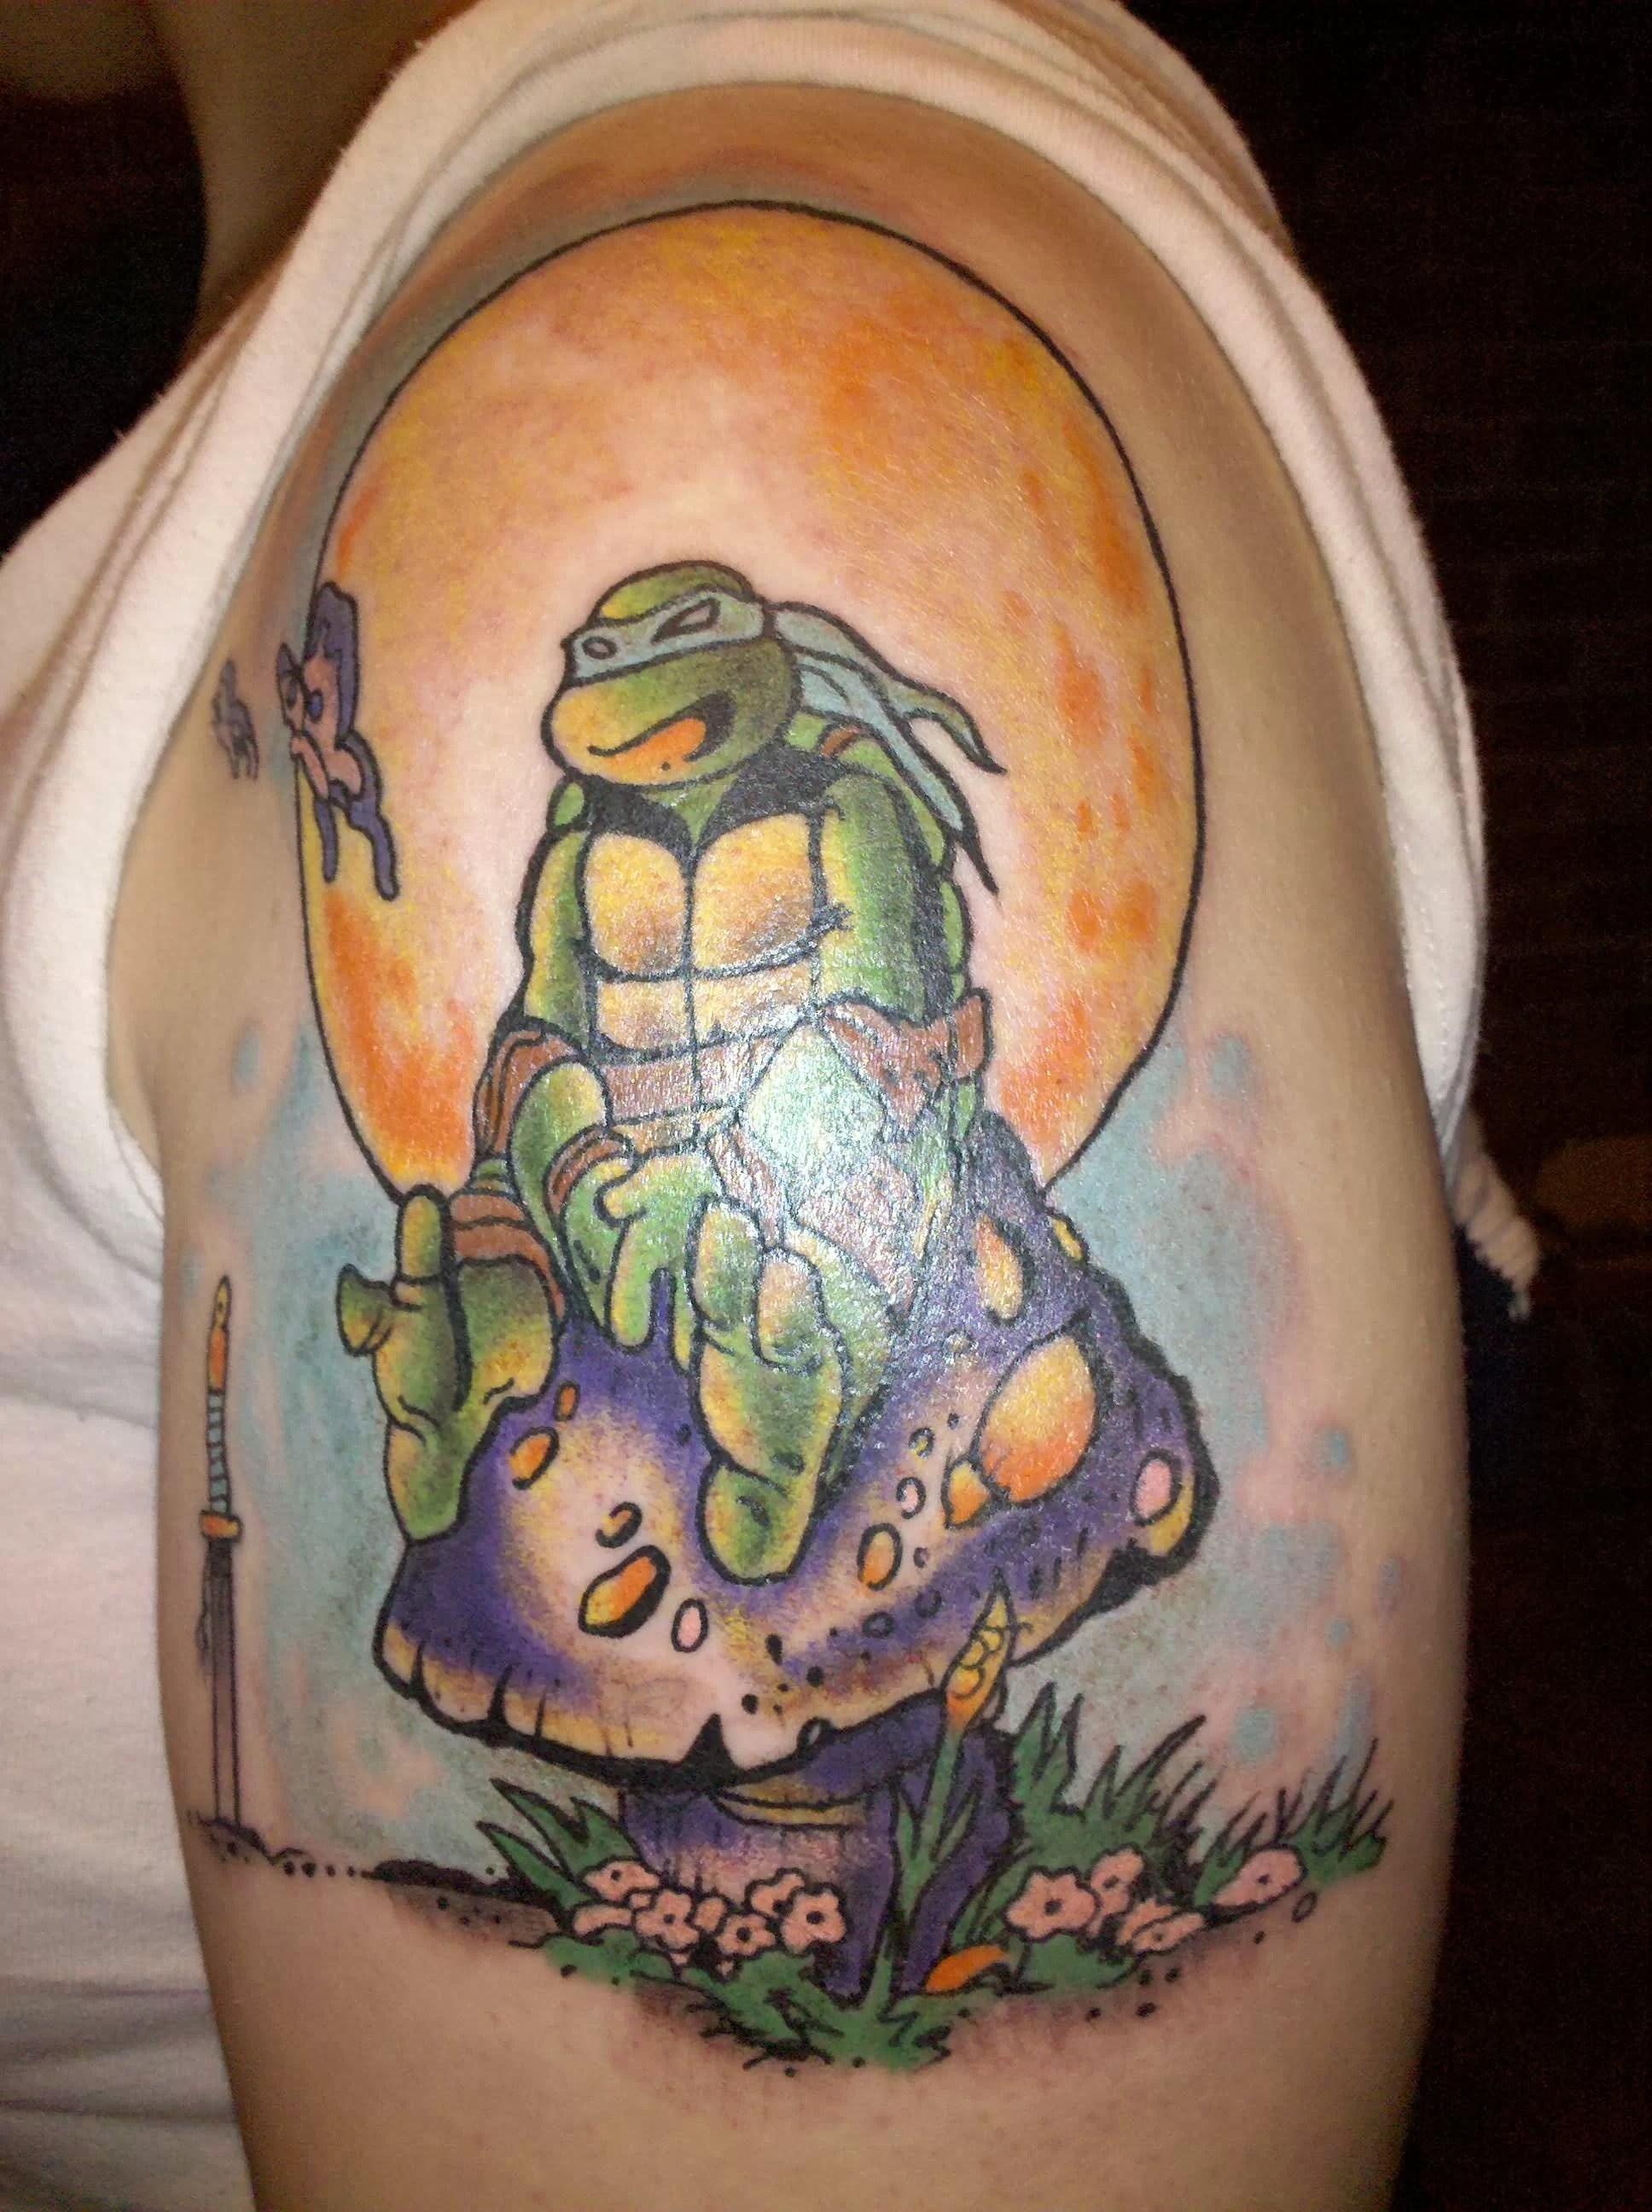 Ninja Turtle Sitting On Mushroom Tattoo Tattoomagz